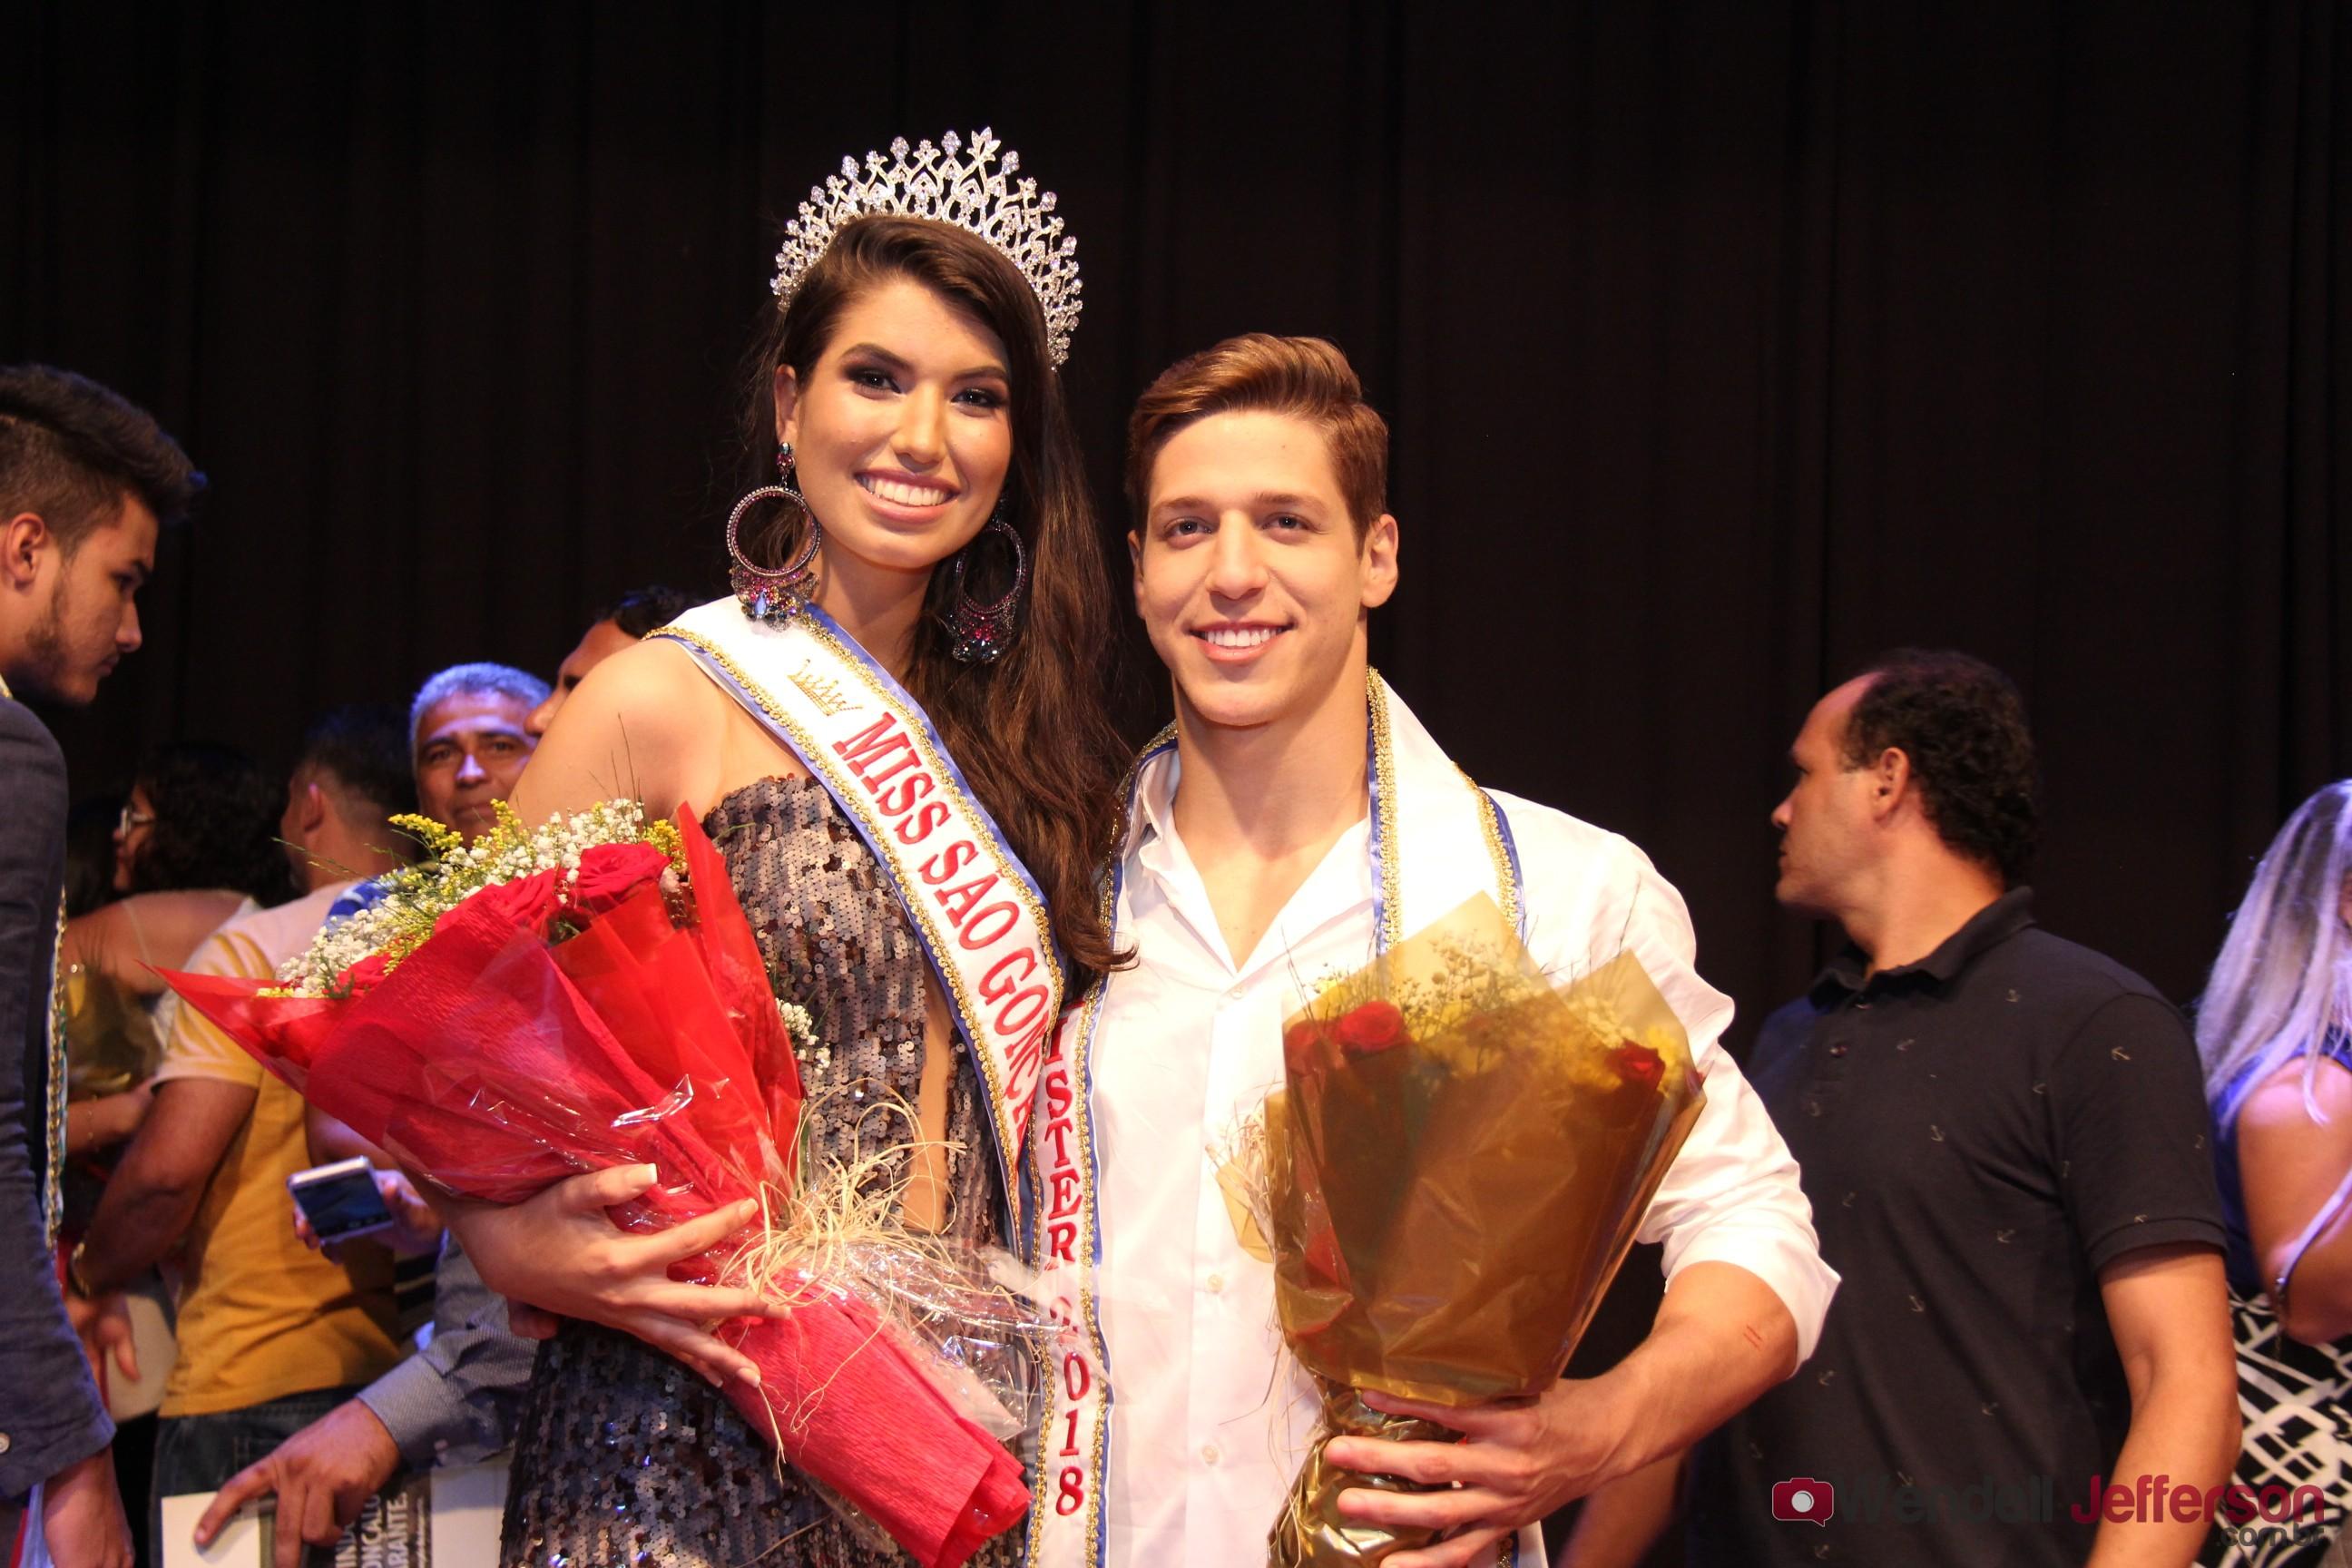 Marcelle Bezerra e Pablo Miranda foram escolhidos Miss e Mister São Gonçalo 2018